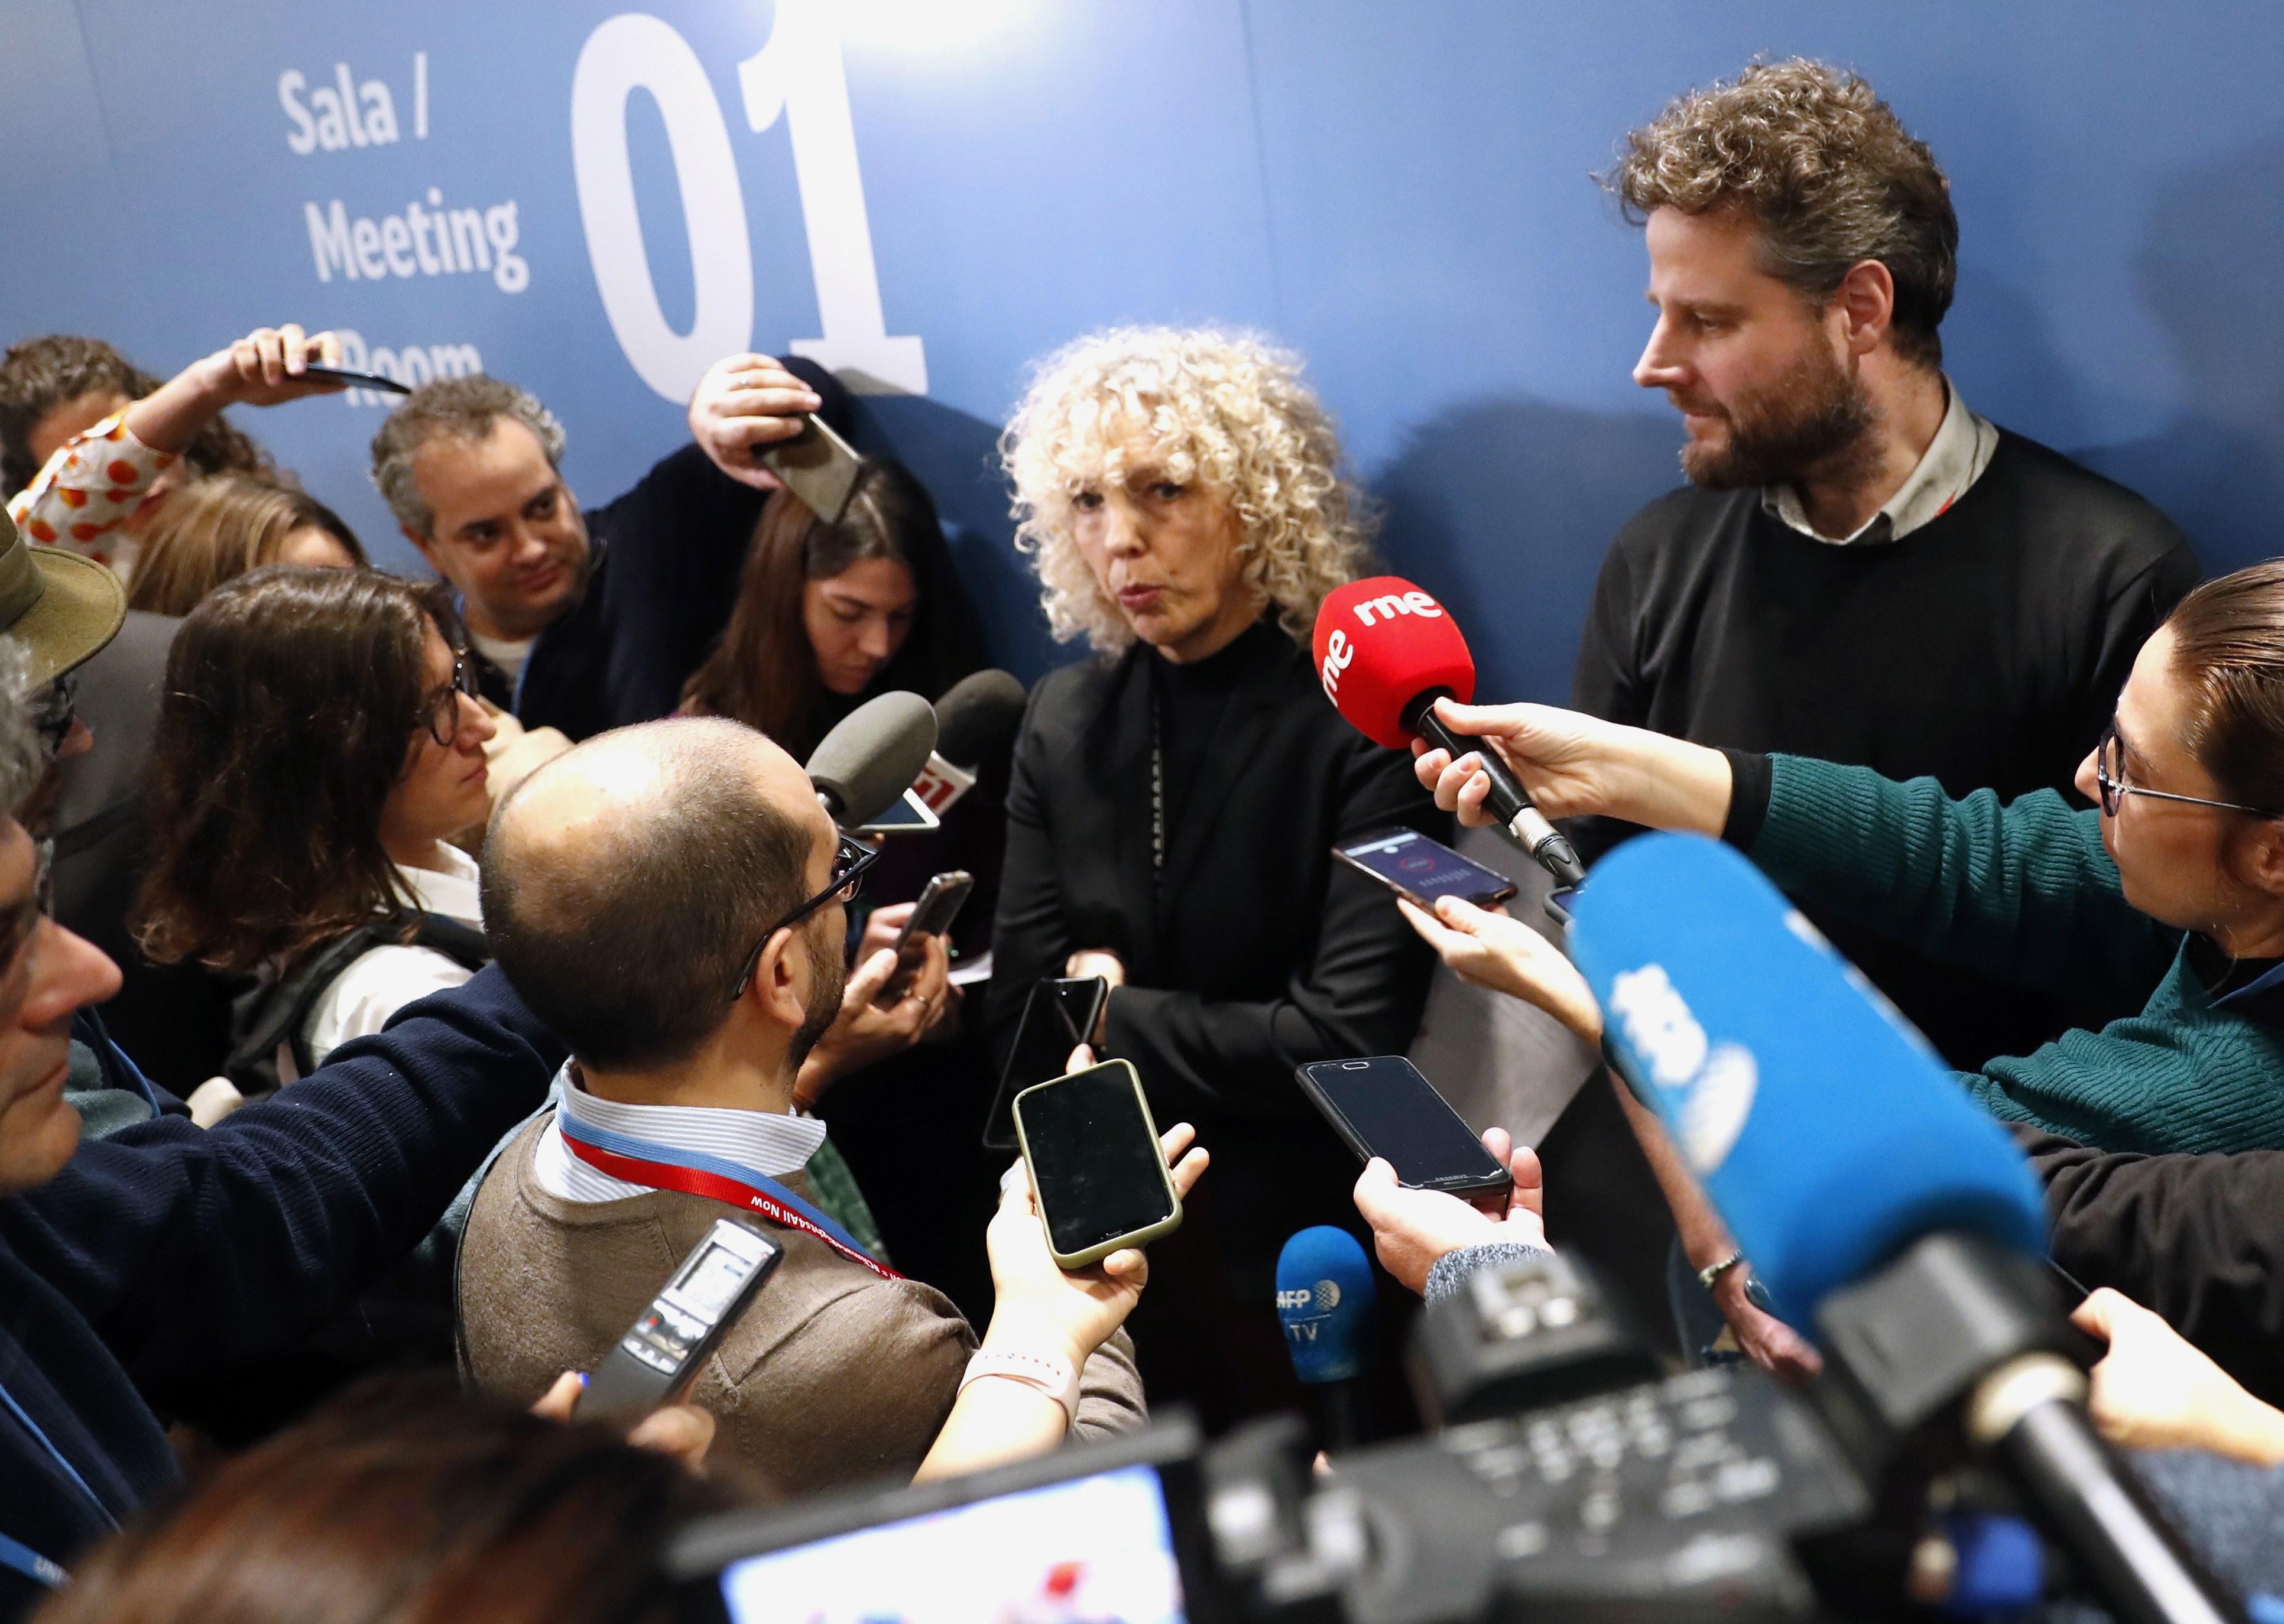 """Organizações não governamentais ambientalistas criticam cimeira de """"traição"""" às pessoas"""